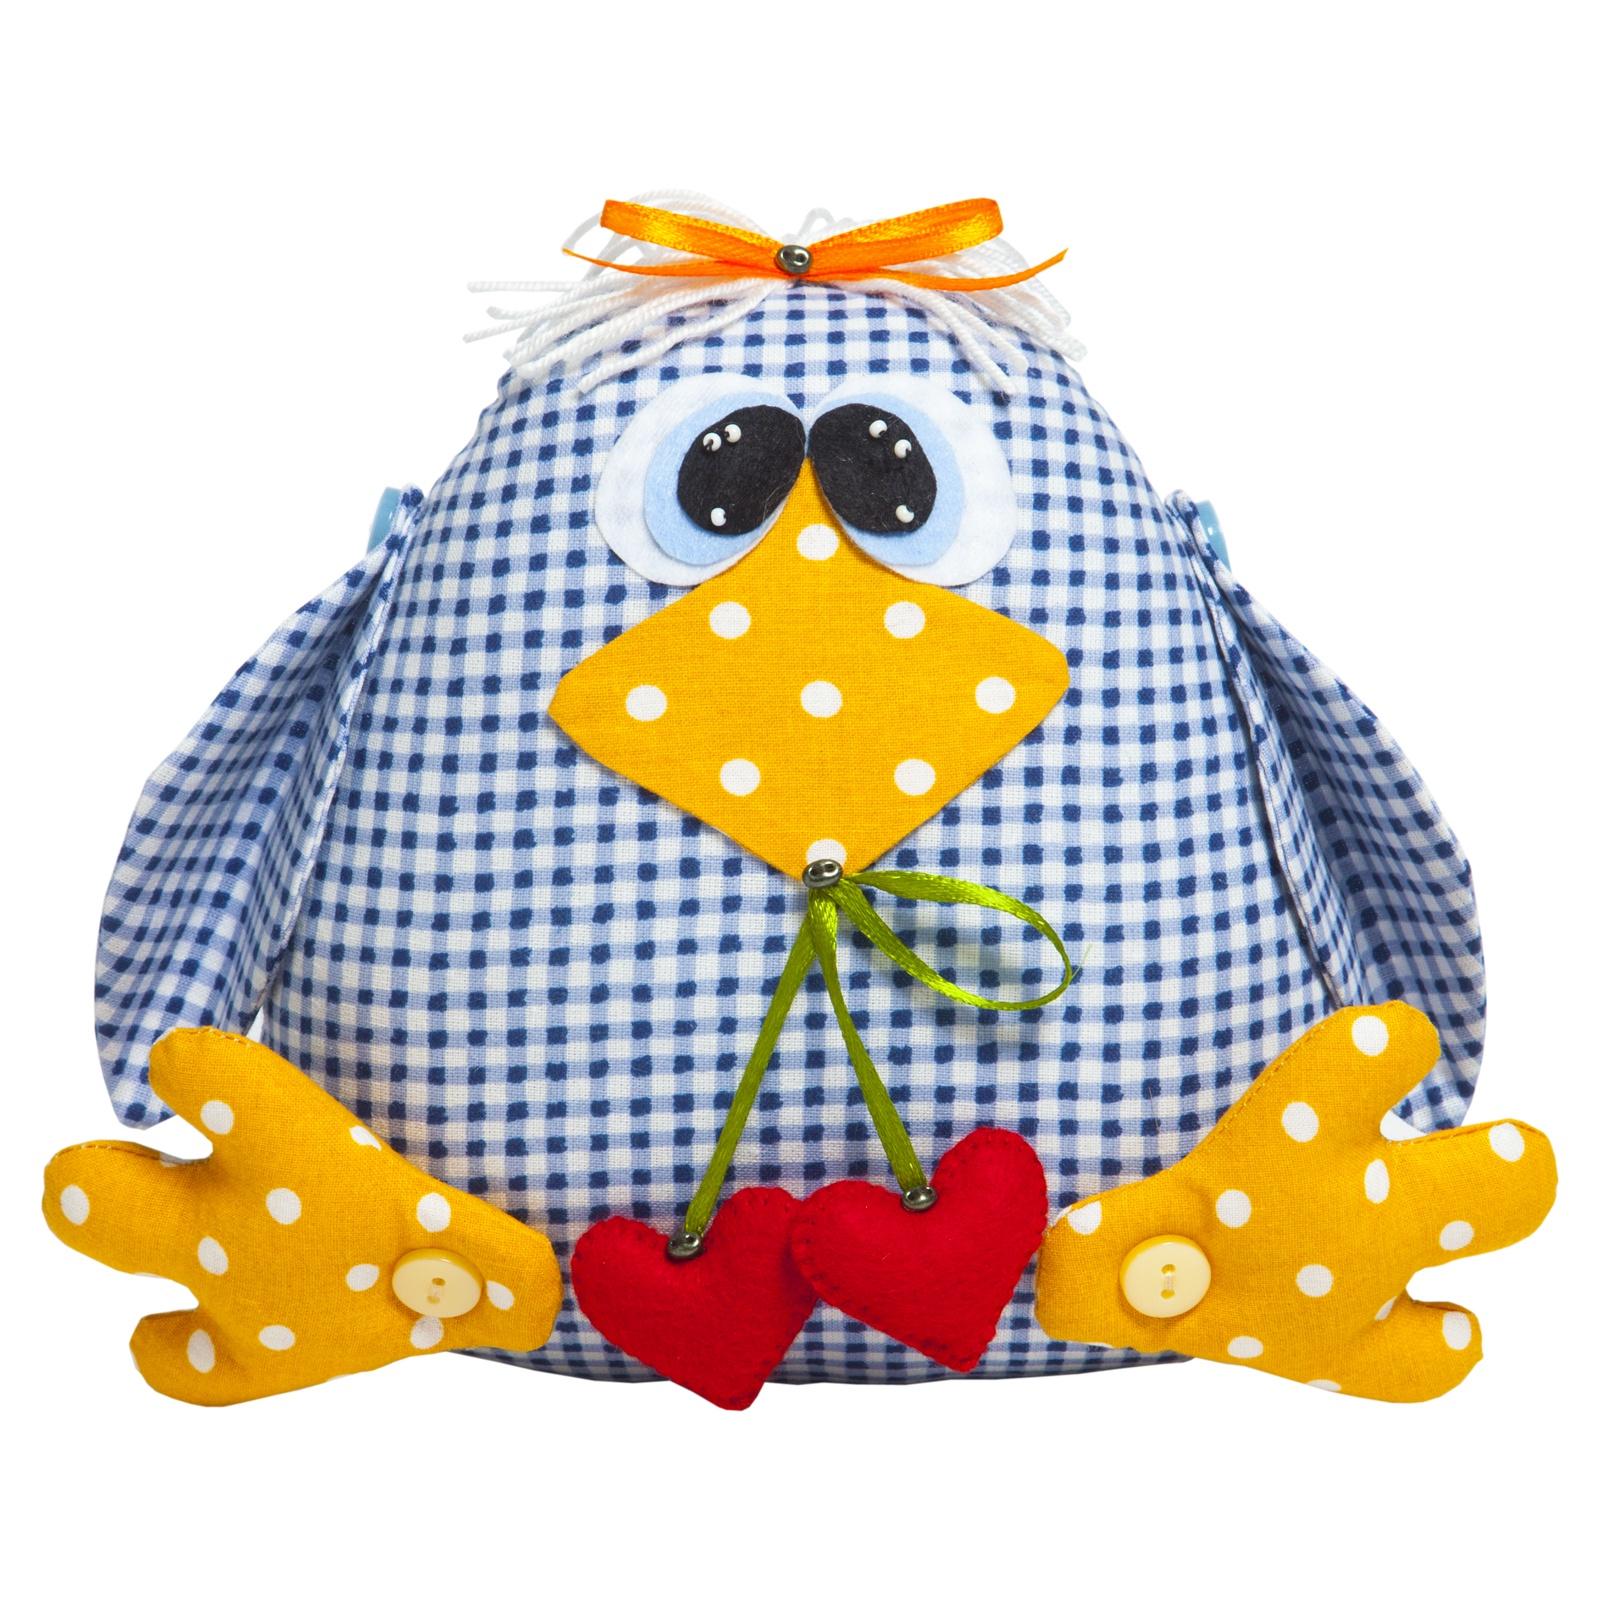 Набор для изготовления игрушки Малиновый Слон Птичка Кроша, высота 15 смТК-001Игрушки, сделанные своими руками, - забавные, смешные, добрые и необыкновенно обаятельные. Они дарят тепло и вызывают улыбку. С помощью набора Малиновый Слон «Птичка Кроша» вы самостоятельно создадите оригинальную игрушку со своим характером и историей, ведь каждая игрушка получается уникальной, даже если она сшита по готовому набору. Наша Кроша всегда в хорошем настроении и полна энергии. У нее много друзей и даже есть тайный поклонник, который подарил ей чудесные спелые ягодки в виде сердечек. Сшить игрушку совсем несложно, для этого не требуются специальные навыки, а наш набор с подробной инструкцией по шитью и качественными комплектующими сделает процесс изготовления игрушки удобным и приятным. В набор входят: ткань (100% хлопок), фетр, пуговицы, бусины, бисер, лента атласная, нитки для декорирования, игла для бисера, выкройка, подробная инструкция. Дополнительно потребуется наполнитель – синтепух (около 100г). Высота готовой игрушки: 15 см.Уровень сложности: 2 из 5.Добро пожаловать в волшебный мир рукоделия!